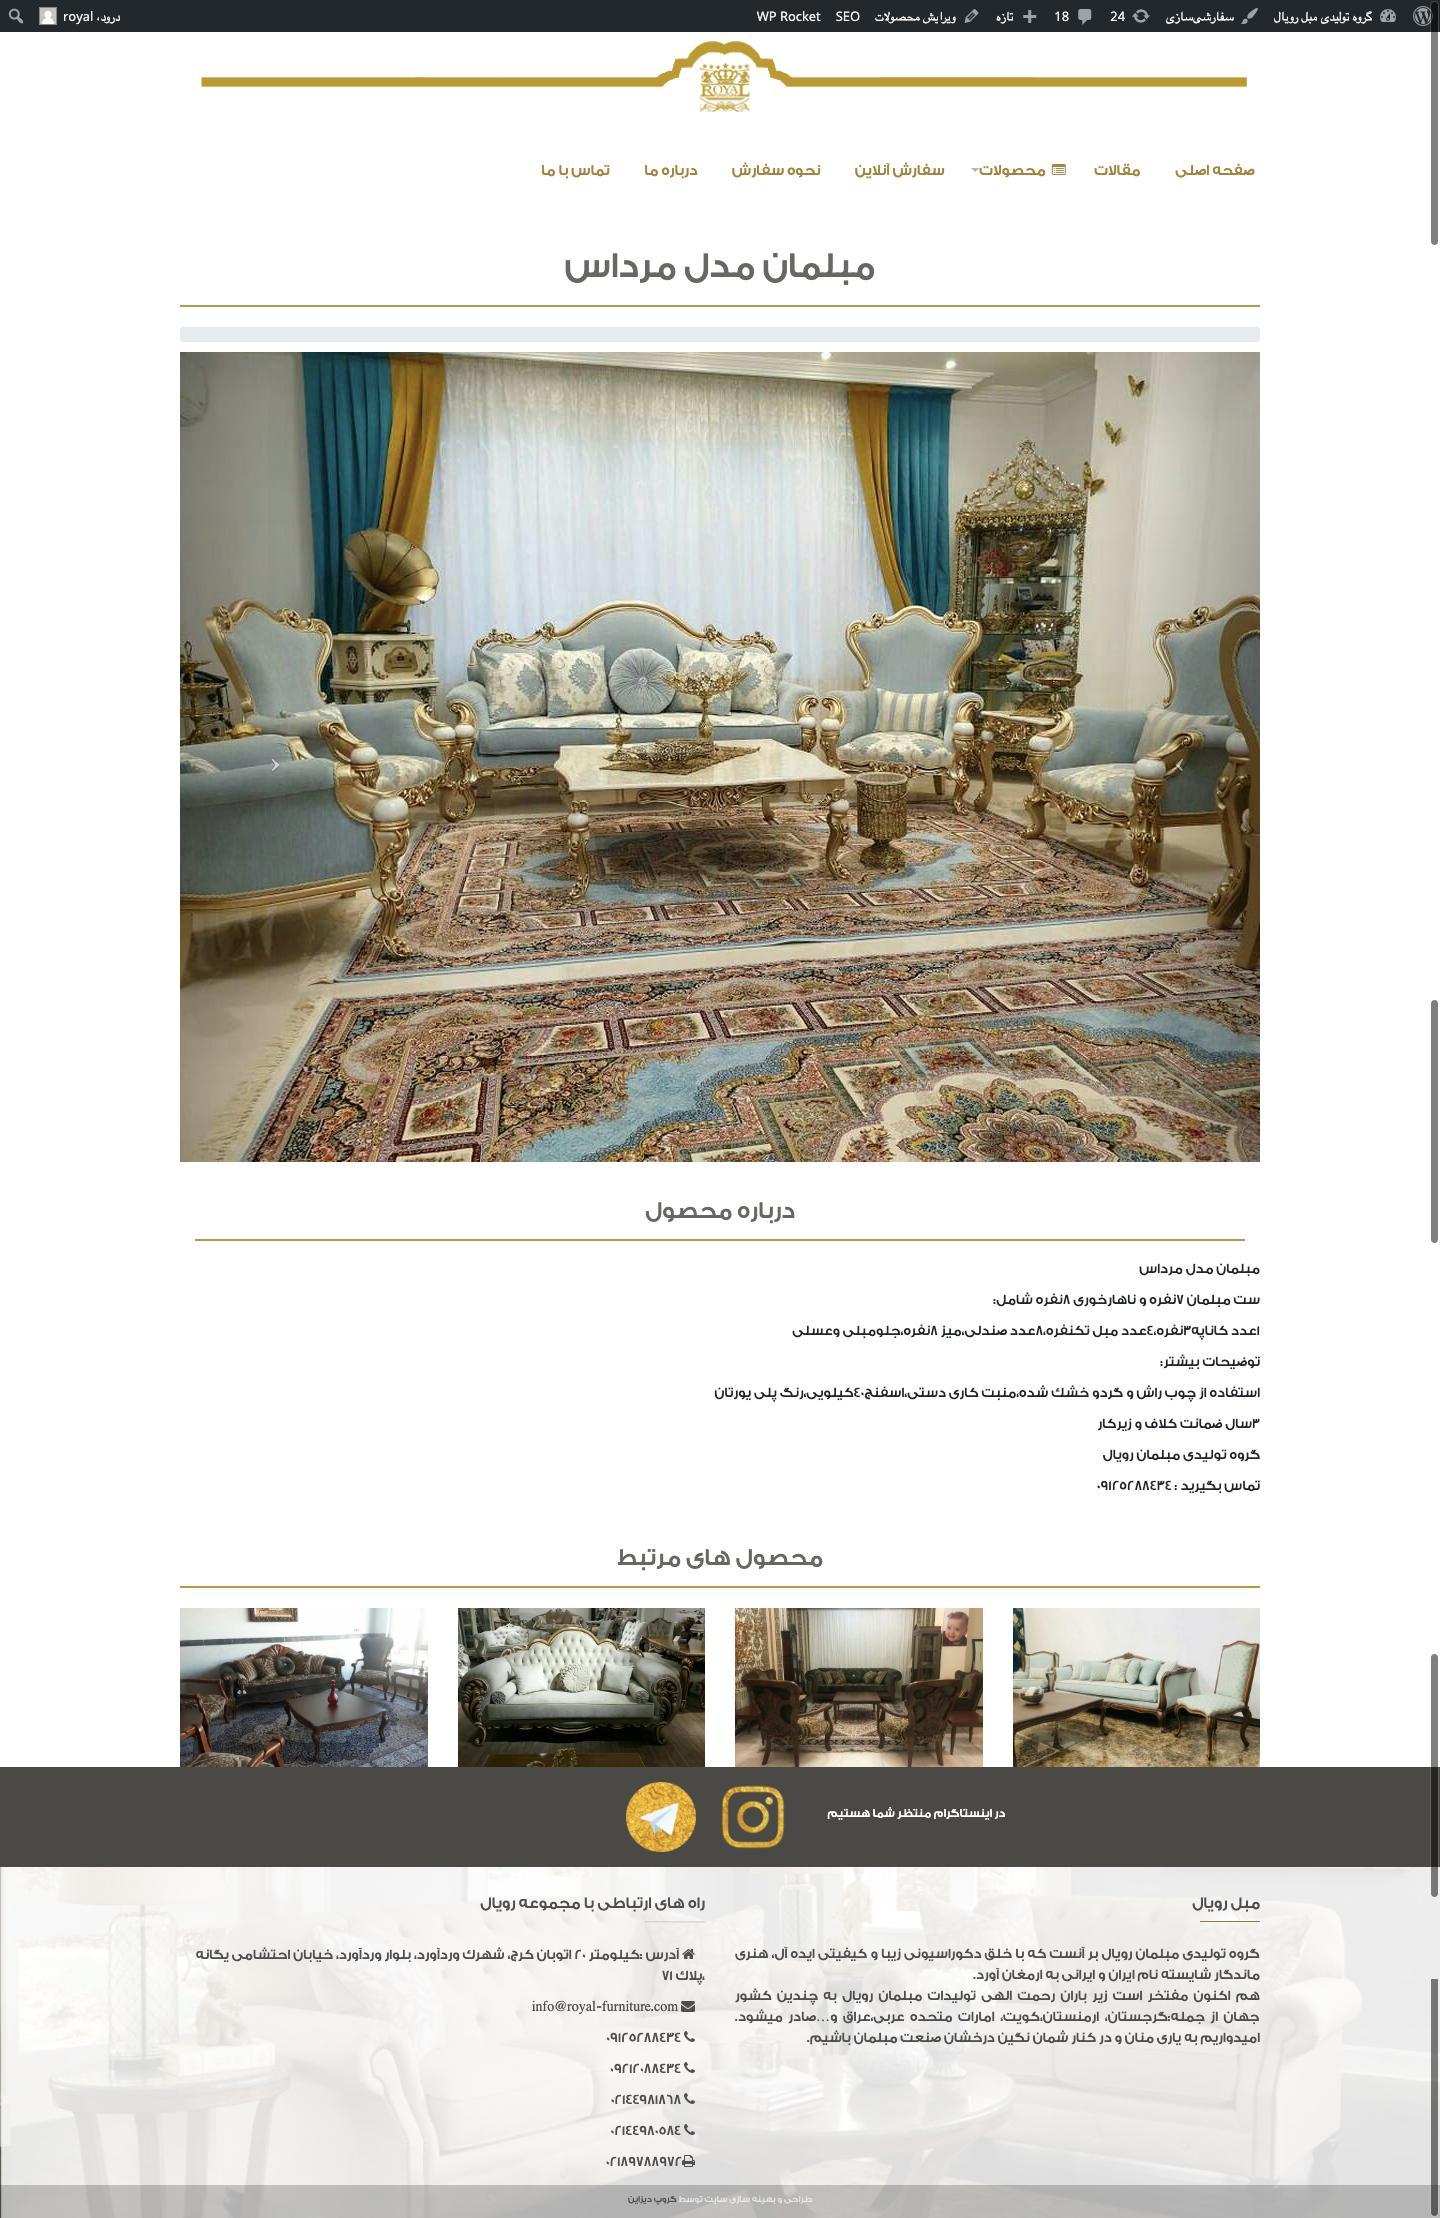 طراحی سایت فروشگاه مبل رویال